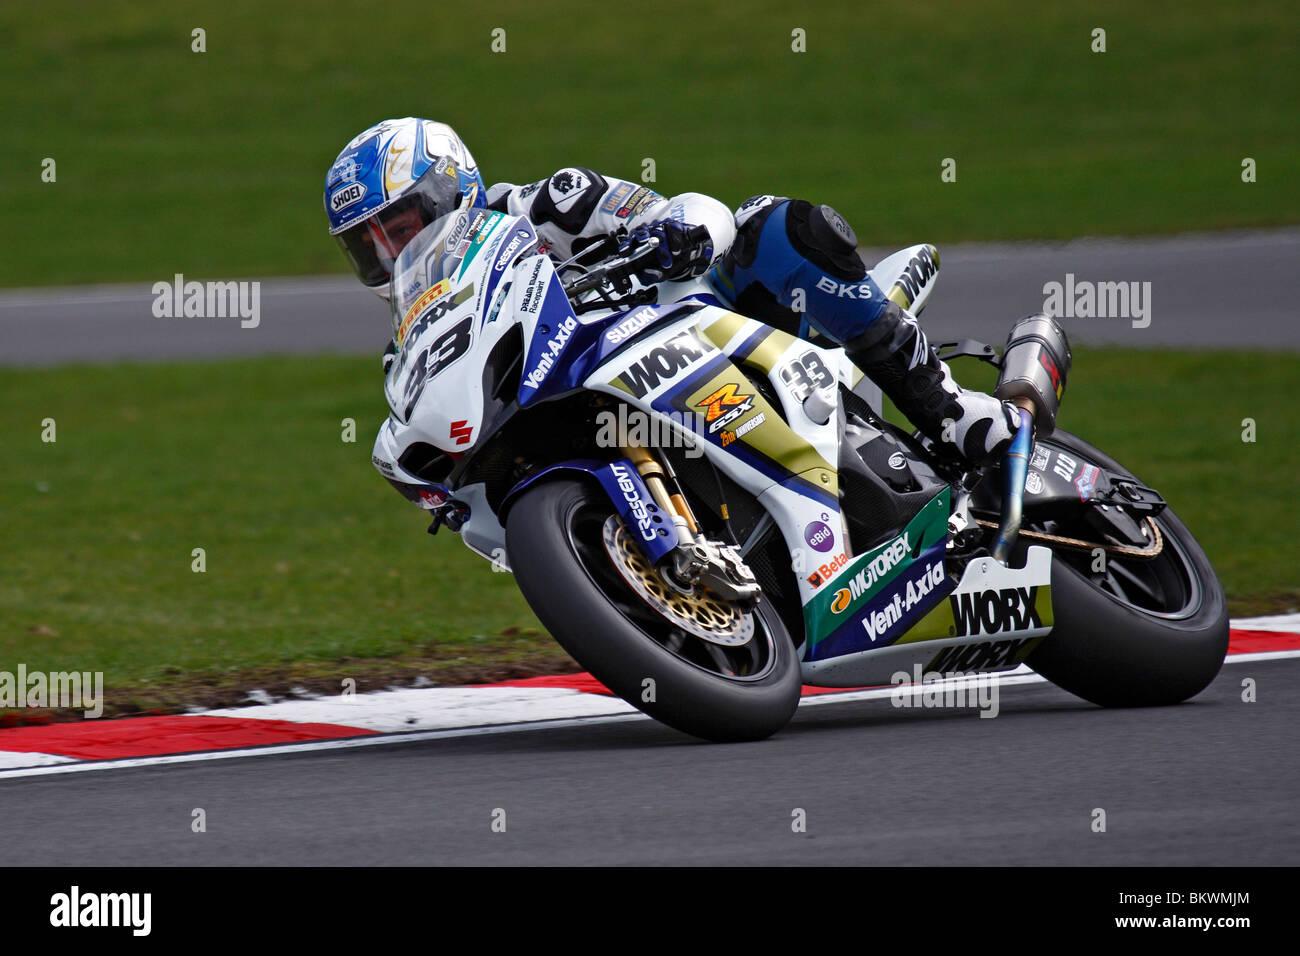 00629494 BSB British Superbikes, Tommy Hill riding a Worx Crescent Suzuki at Brands  Hatch 2010 -